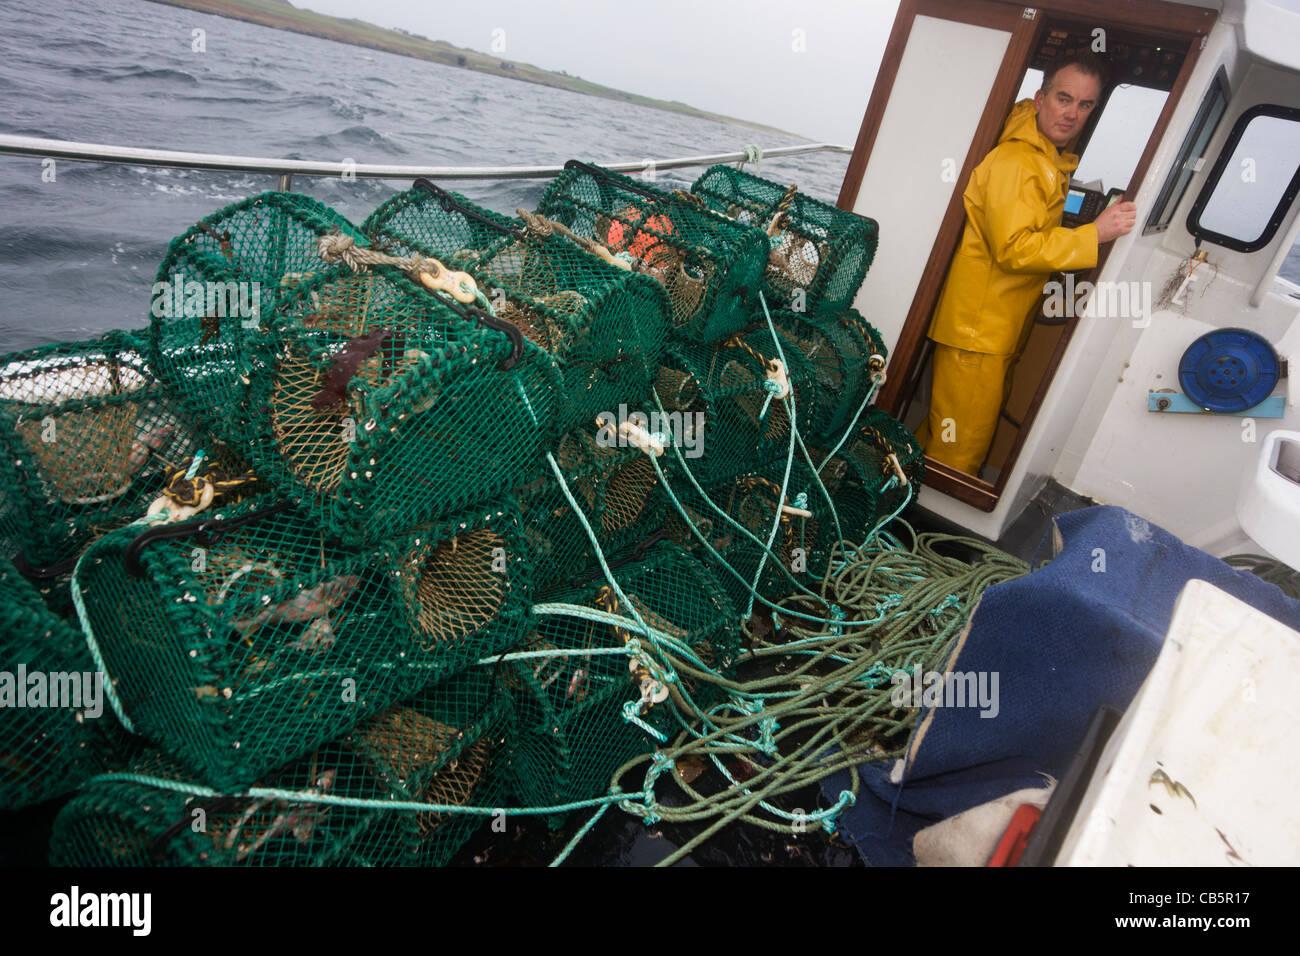 Pescatore locale Neil Cameron vele verso la sua posizione di cantra per essere riempito di velluto e granchio verde Immagini Stock